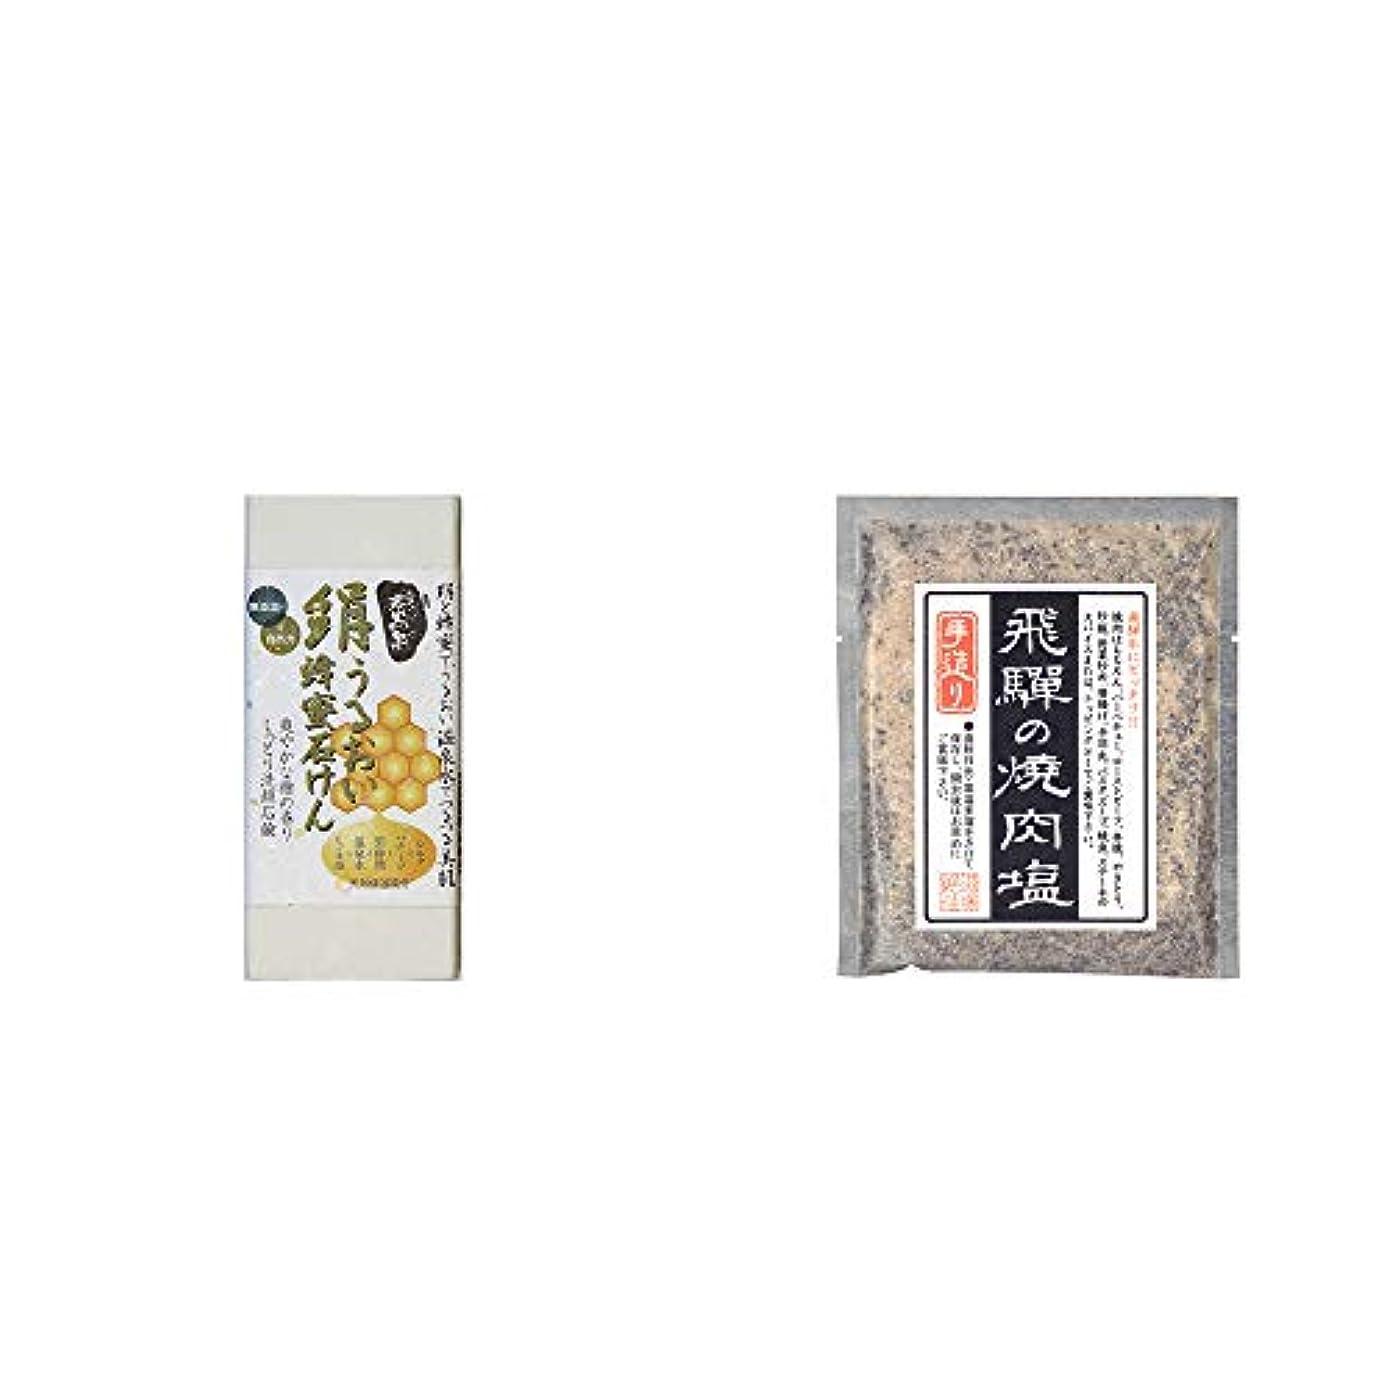 専門用語受け入れ中止します[2点セット] ひのき炭黒泉 絹うるおい蜂蜜石けん(75g×2)?手造り 飛騨の焼肉塩(80g)